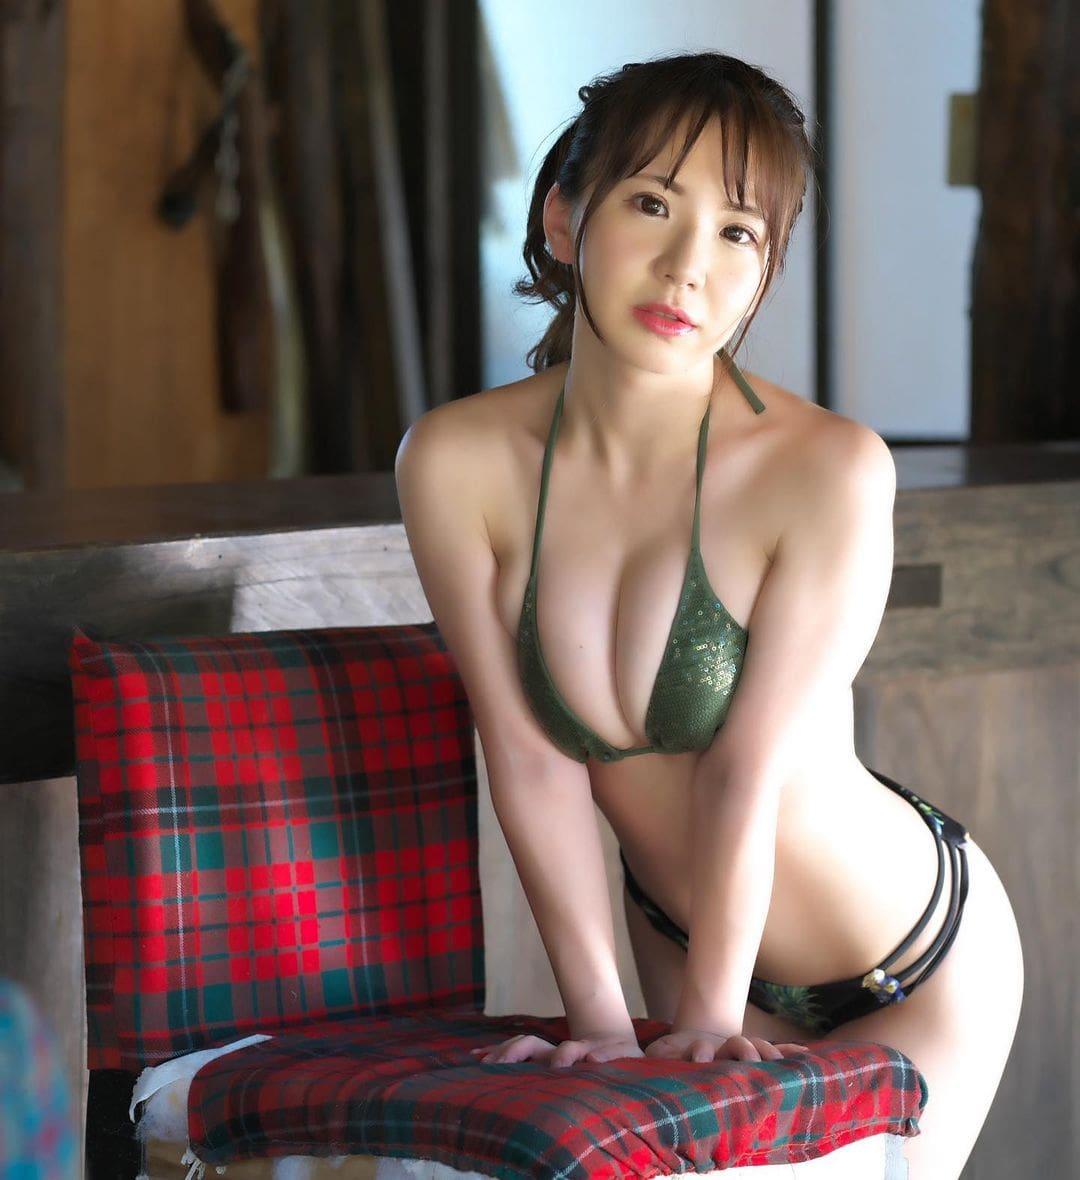 「野球の日韓戦燃えたあああ」セクシービキニ姿で侍ジャパンを応援【相良朱音さん/2021年8月5日】